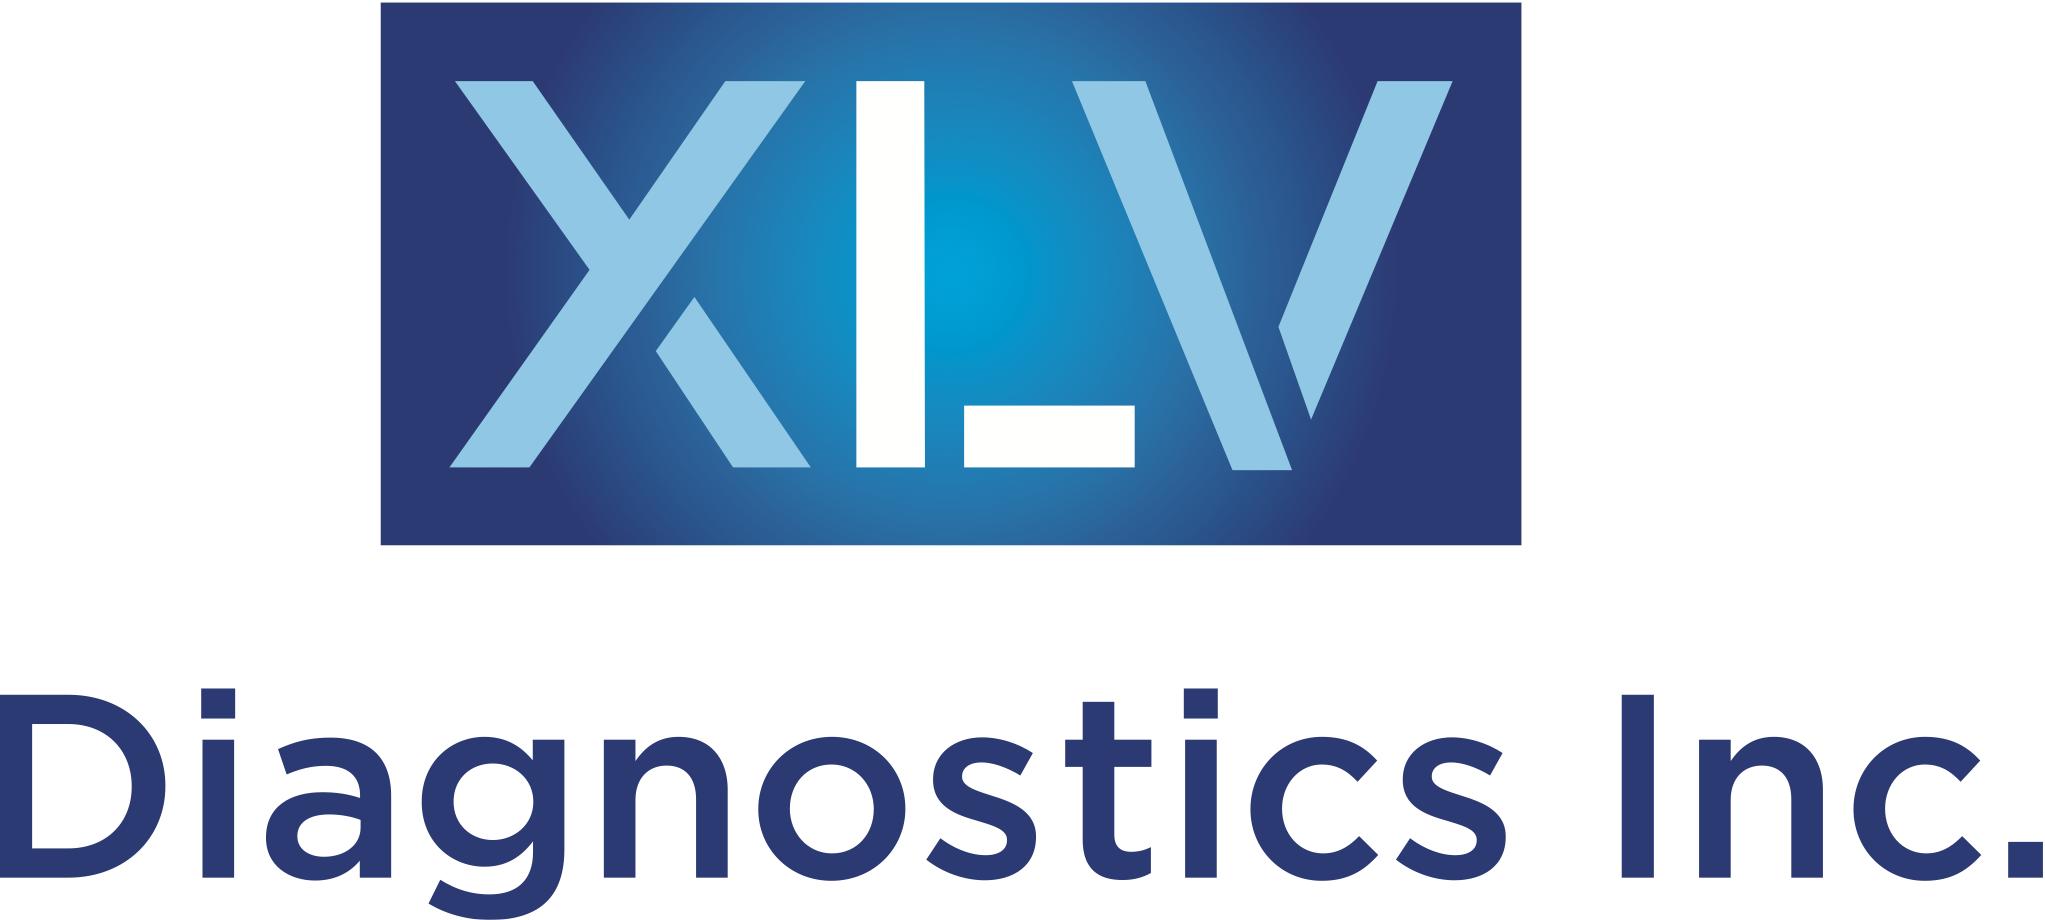 XLV Diagnostics Inc.